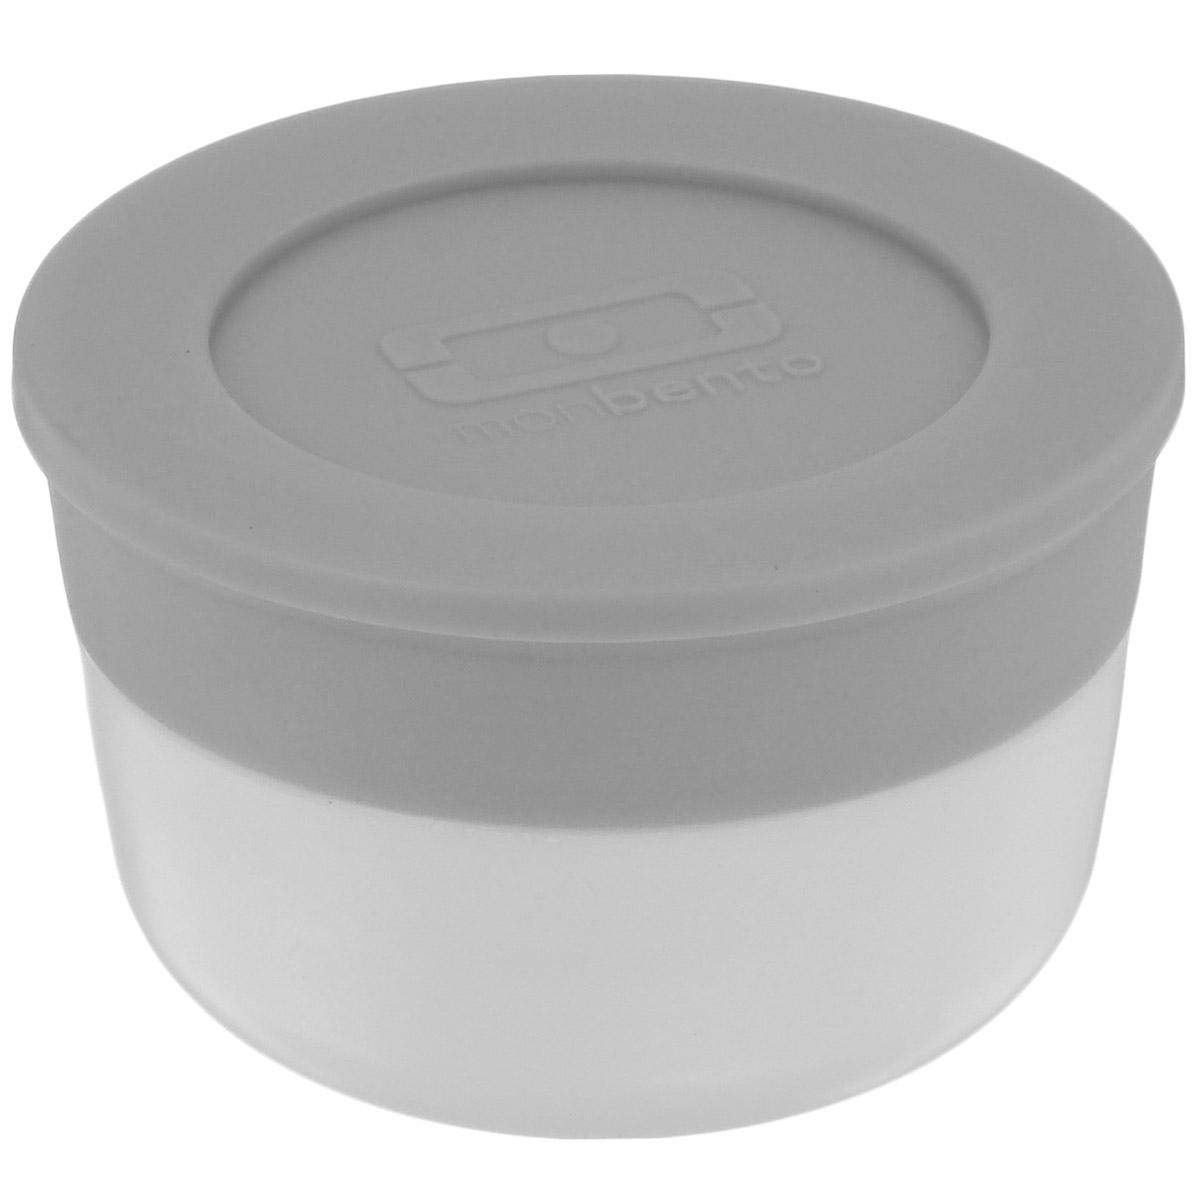 Соусница Monbento Monbento Temple, с крышкой, цвет: белый, серый, диаметр 5 см, 28 млМ 1110Соусница с крышкой Monbento MB Temple - удобное дополнение к ланч-боксу, которое позволит заправить соусом салат или гарнир прямо перед едой. Соусница изготовлена из полипропилена и имеет герметичную плотно закручивающуюся силиконовую крышечку. Идеально помещается в ланч-бокс от Monbento, занимая минимум места. Можно мыть в посудомоечной машине, а также хранить в морозильной камере.Диаметр соусницы: 5 см. Объем соусницы: 28 мл. Высота соусницы (с учетом крышки): 3,2 см. Диаметр по верхнему краю: 4,2 см.